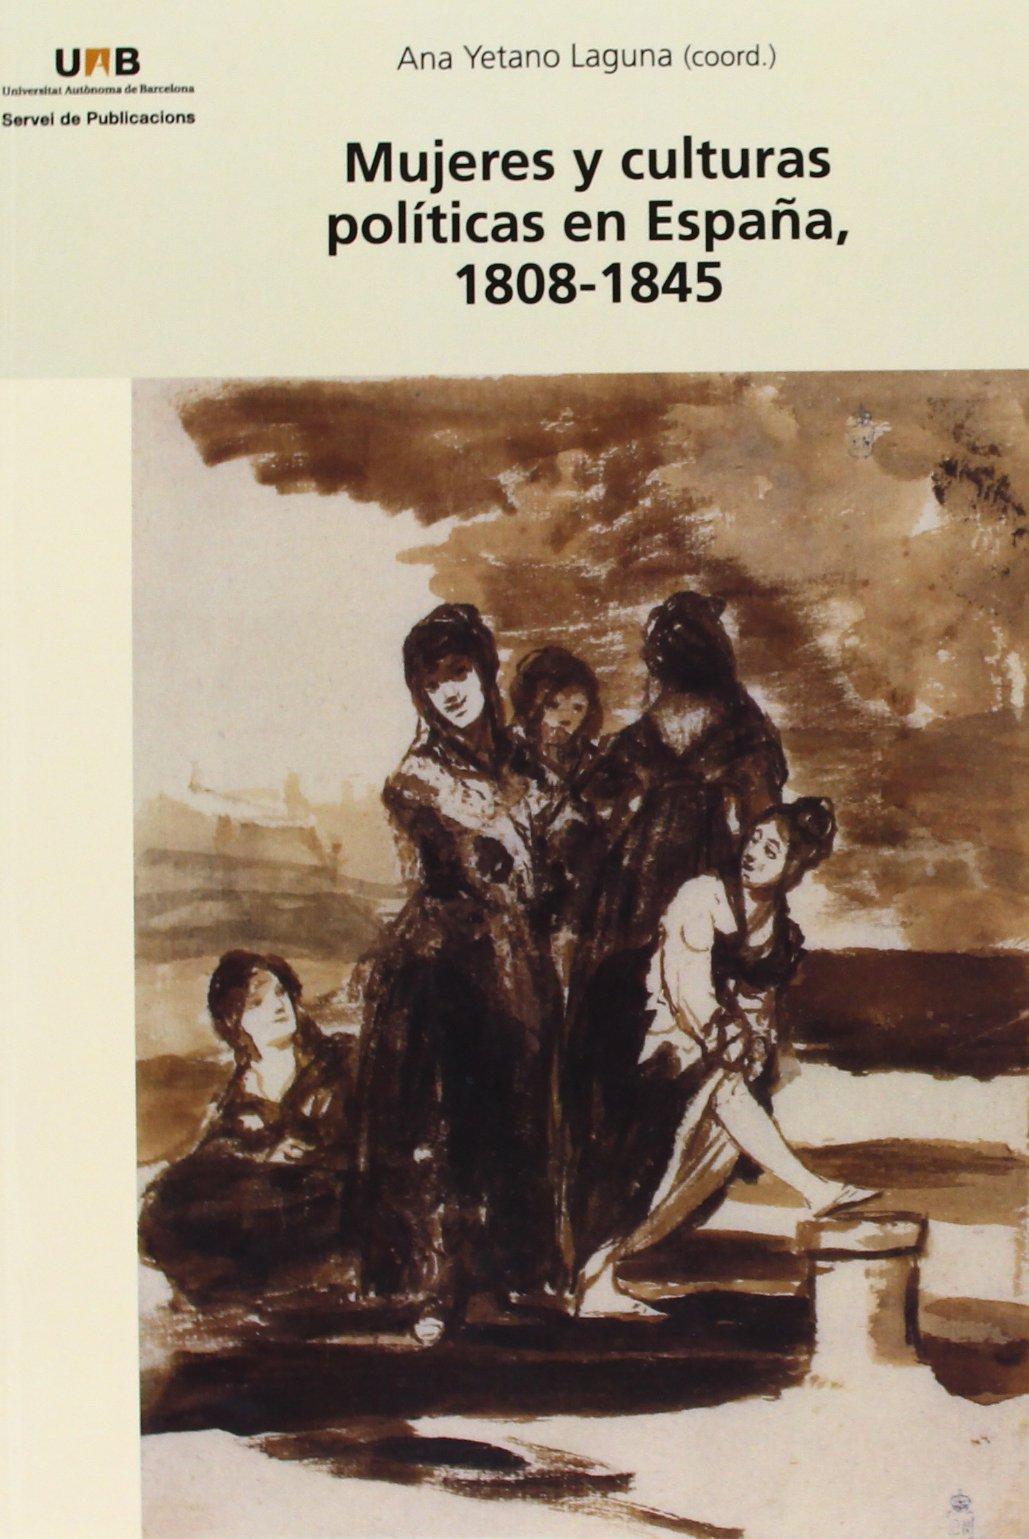 Mujeres y culturas polticas en Espa–a, 1808-1845: Amazon.es: Yetano Laguna, Ana: Libros